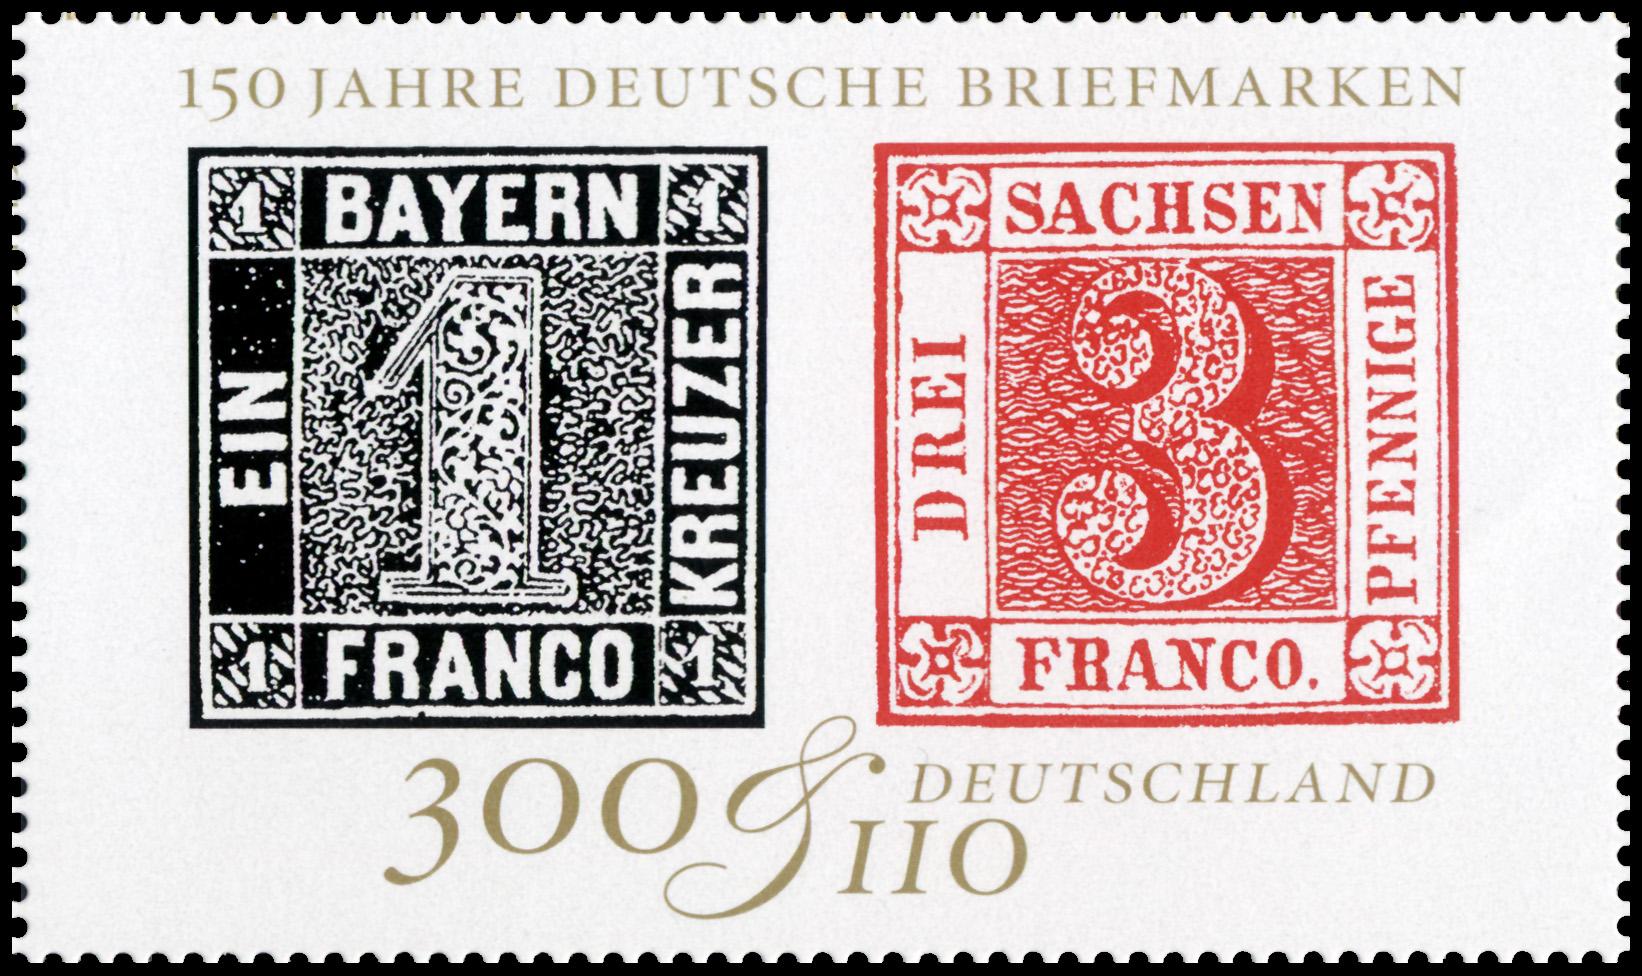 Bildergebnis für briefmarken